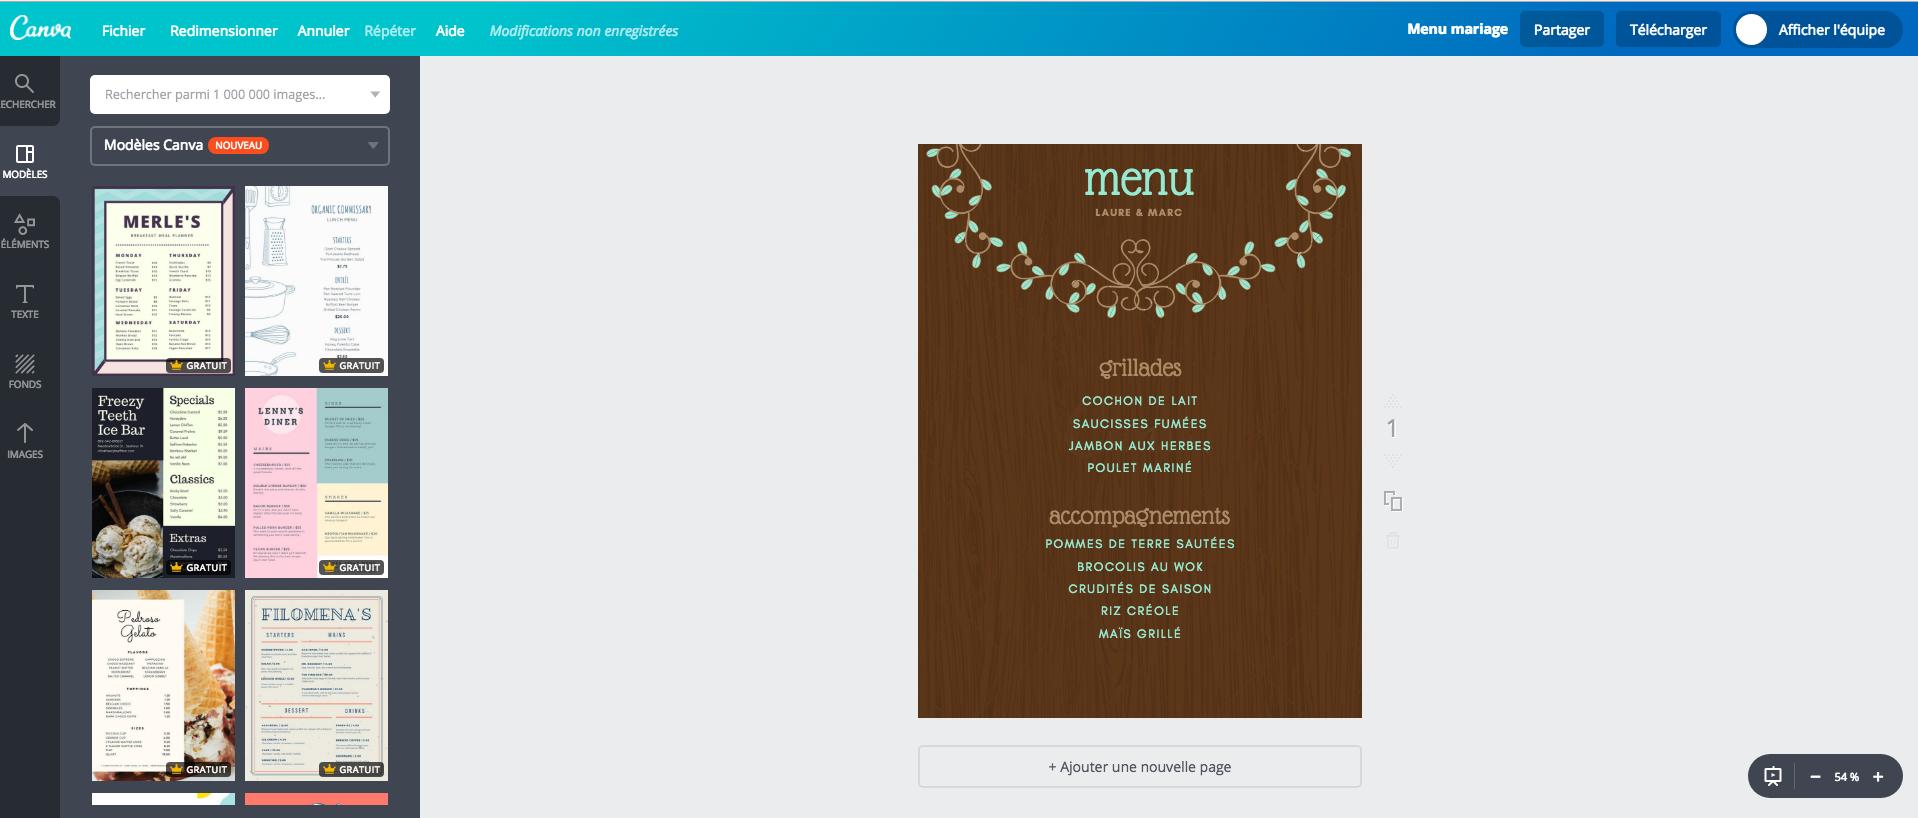 cr u00e9ateur de carte de menu de mariage gratuit  u00e0 imprimer